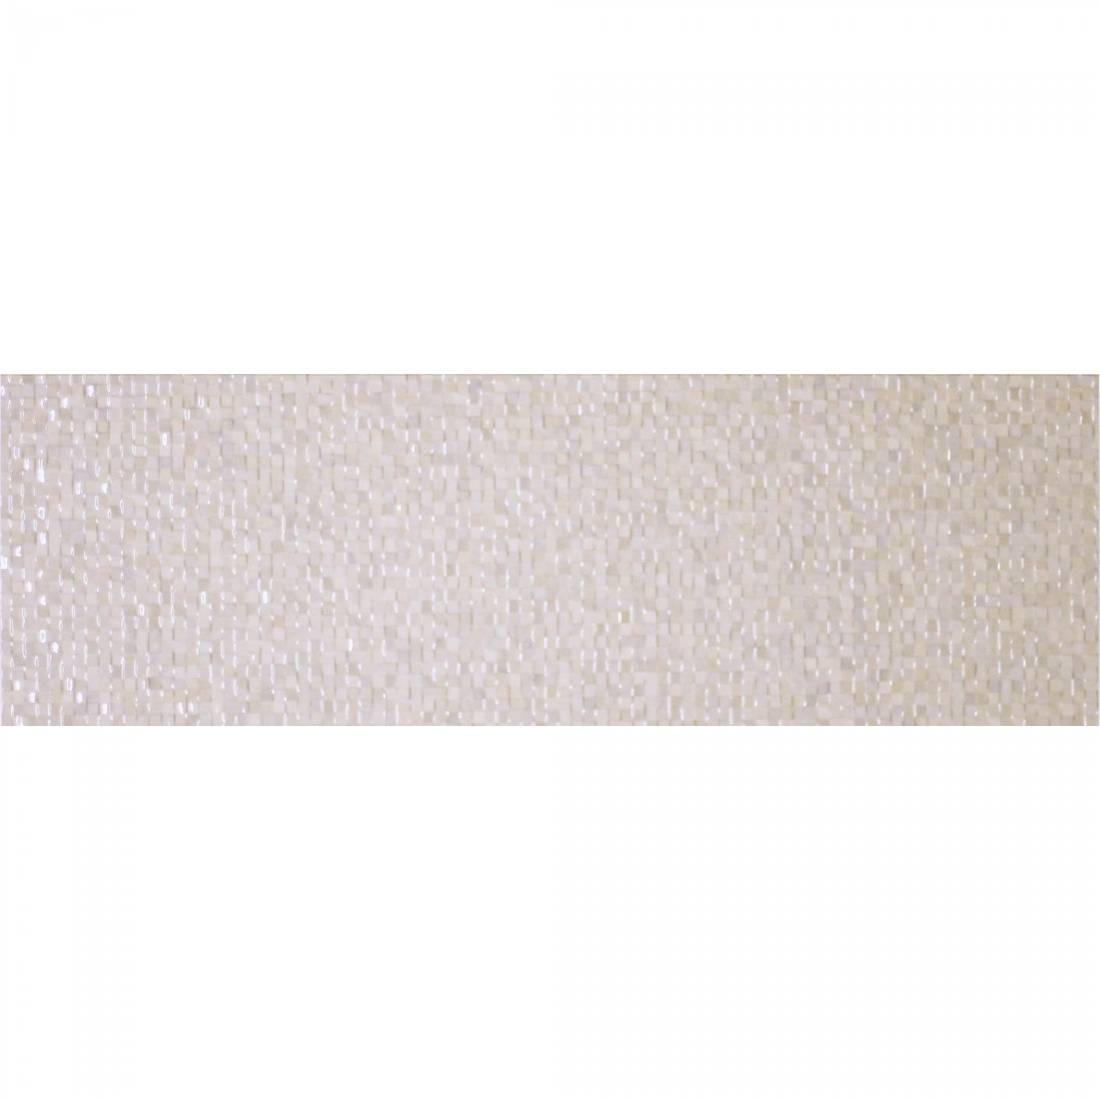 Mosaico 20x60 Blanco Gloss 1